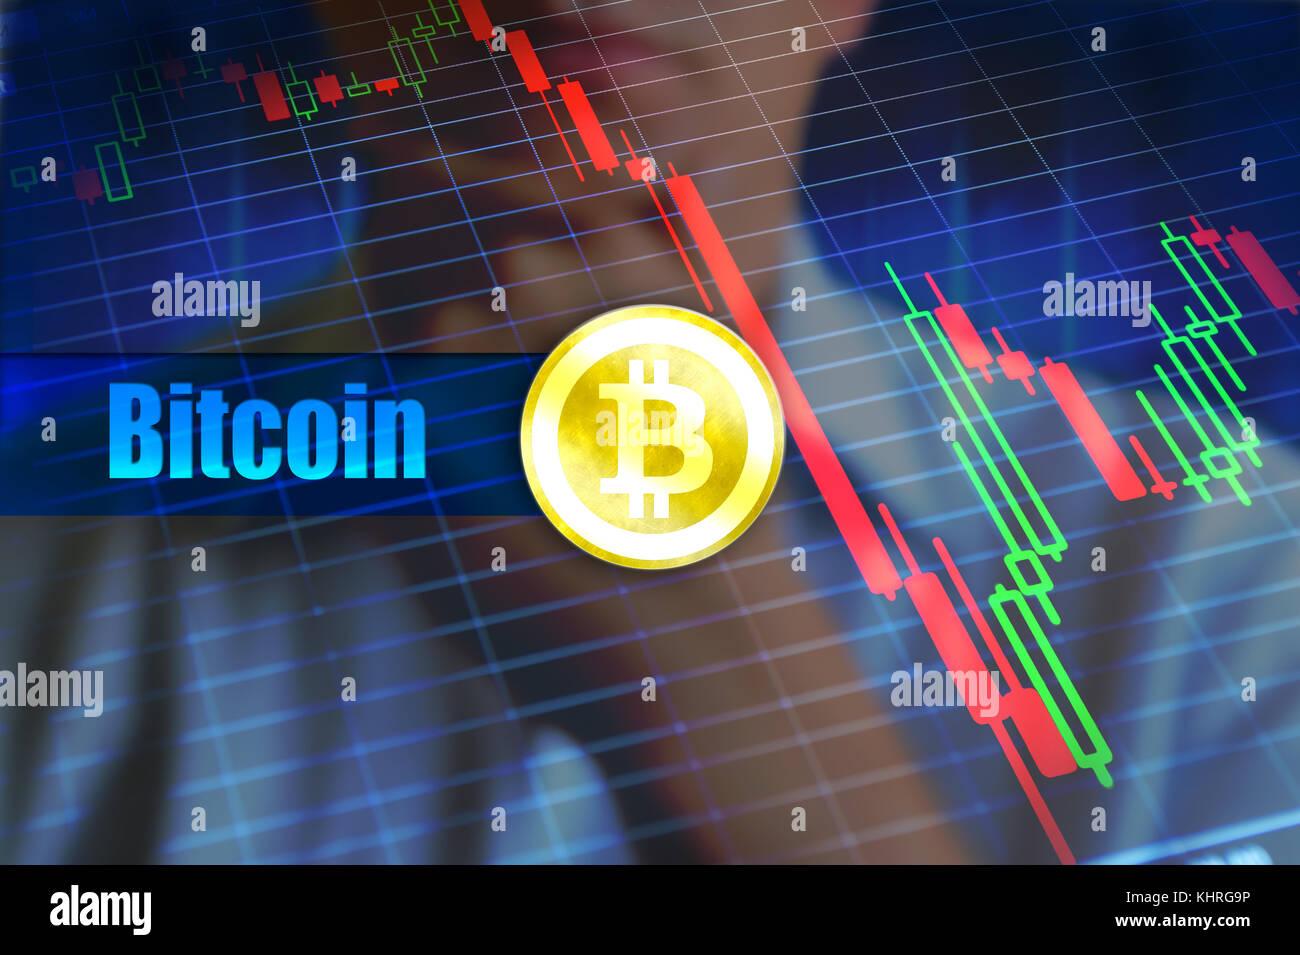 La volatilità bitcoin concetto. rapido cambiamento, caduta di prezzo bitcoin grafico. Concetto di immagine, Immagini Stock